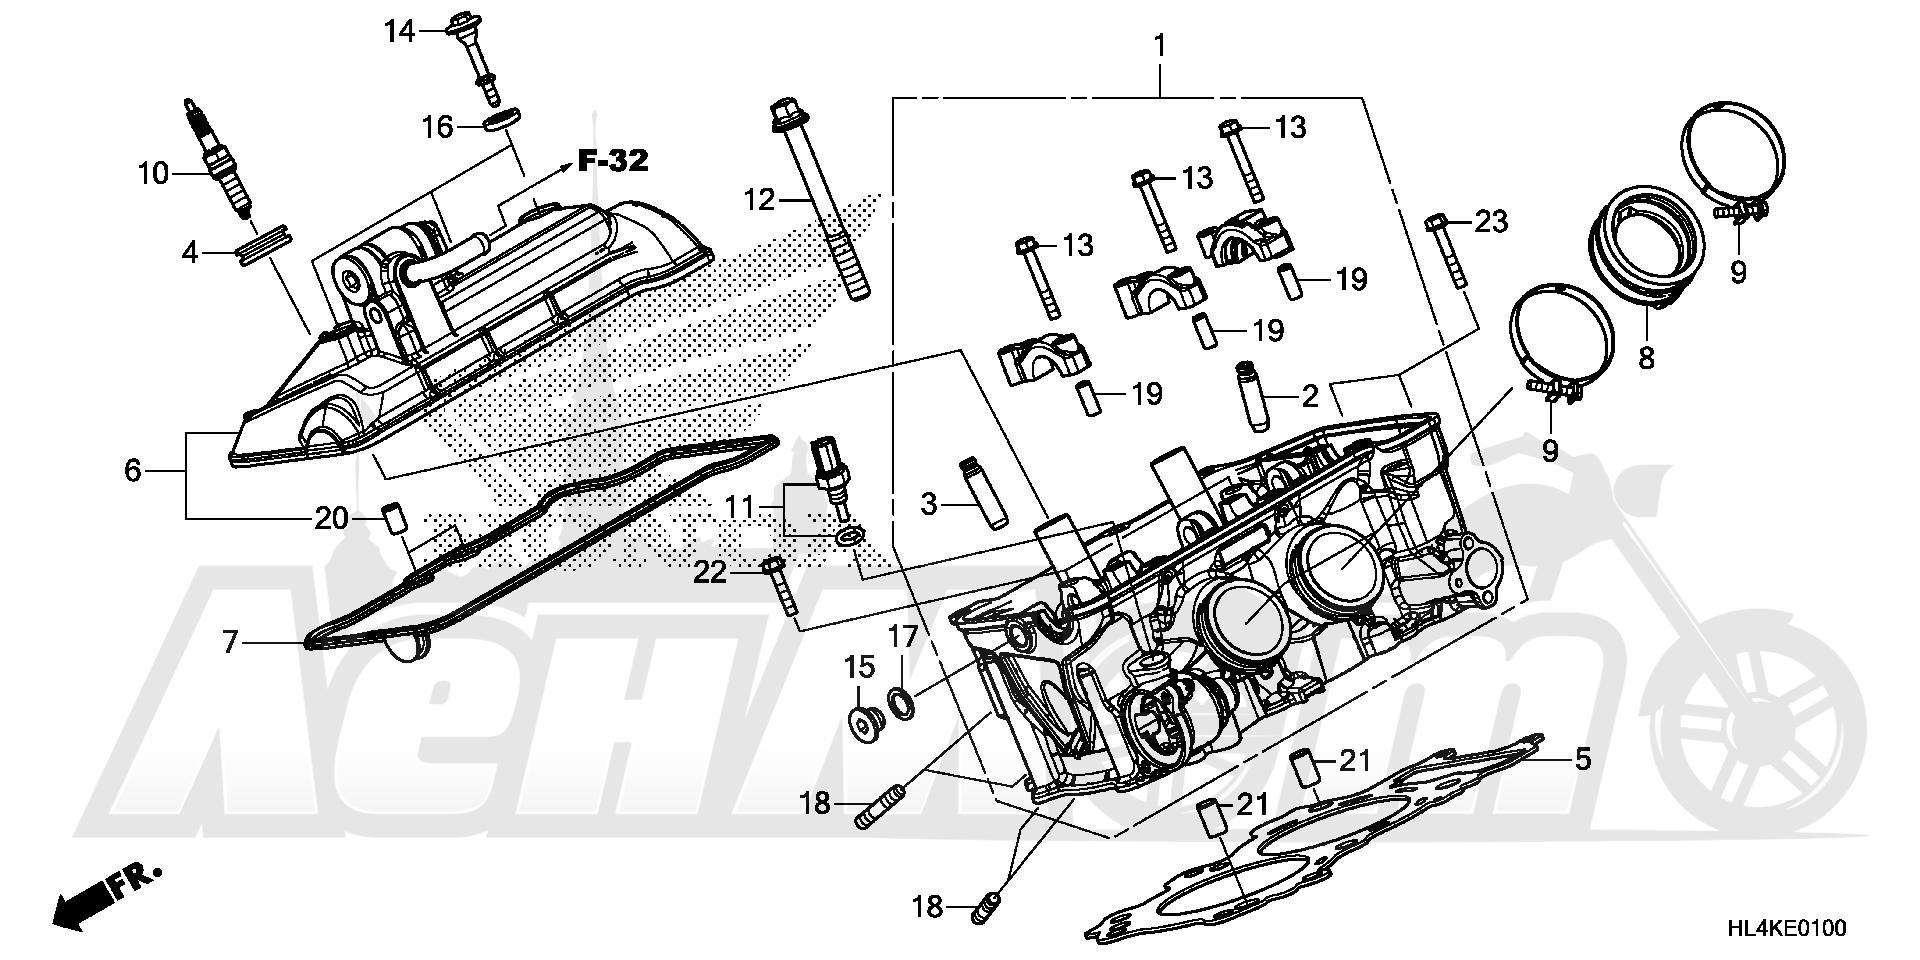 Запчасти для Квадроцикла Honda 2019 SXS1000M5P Раздел: CYLINDER HEAD | головка цилиндра